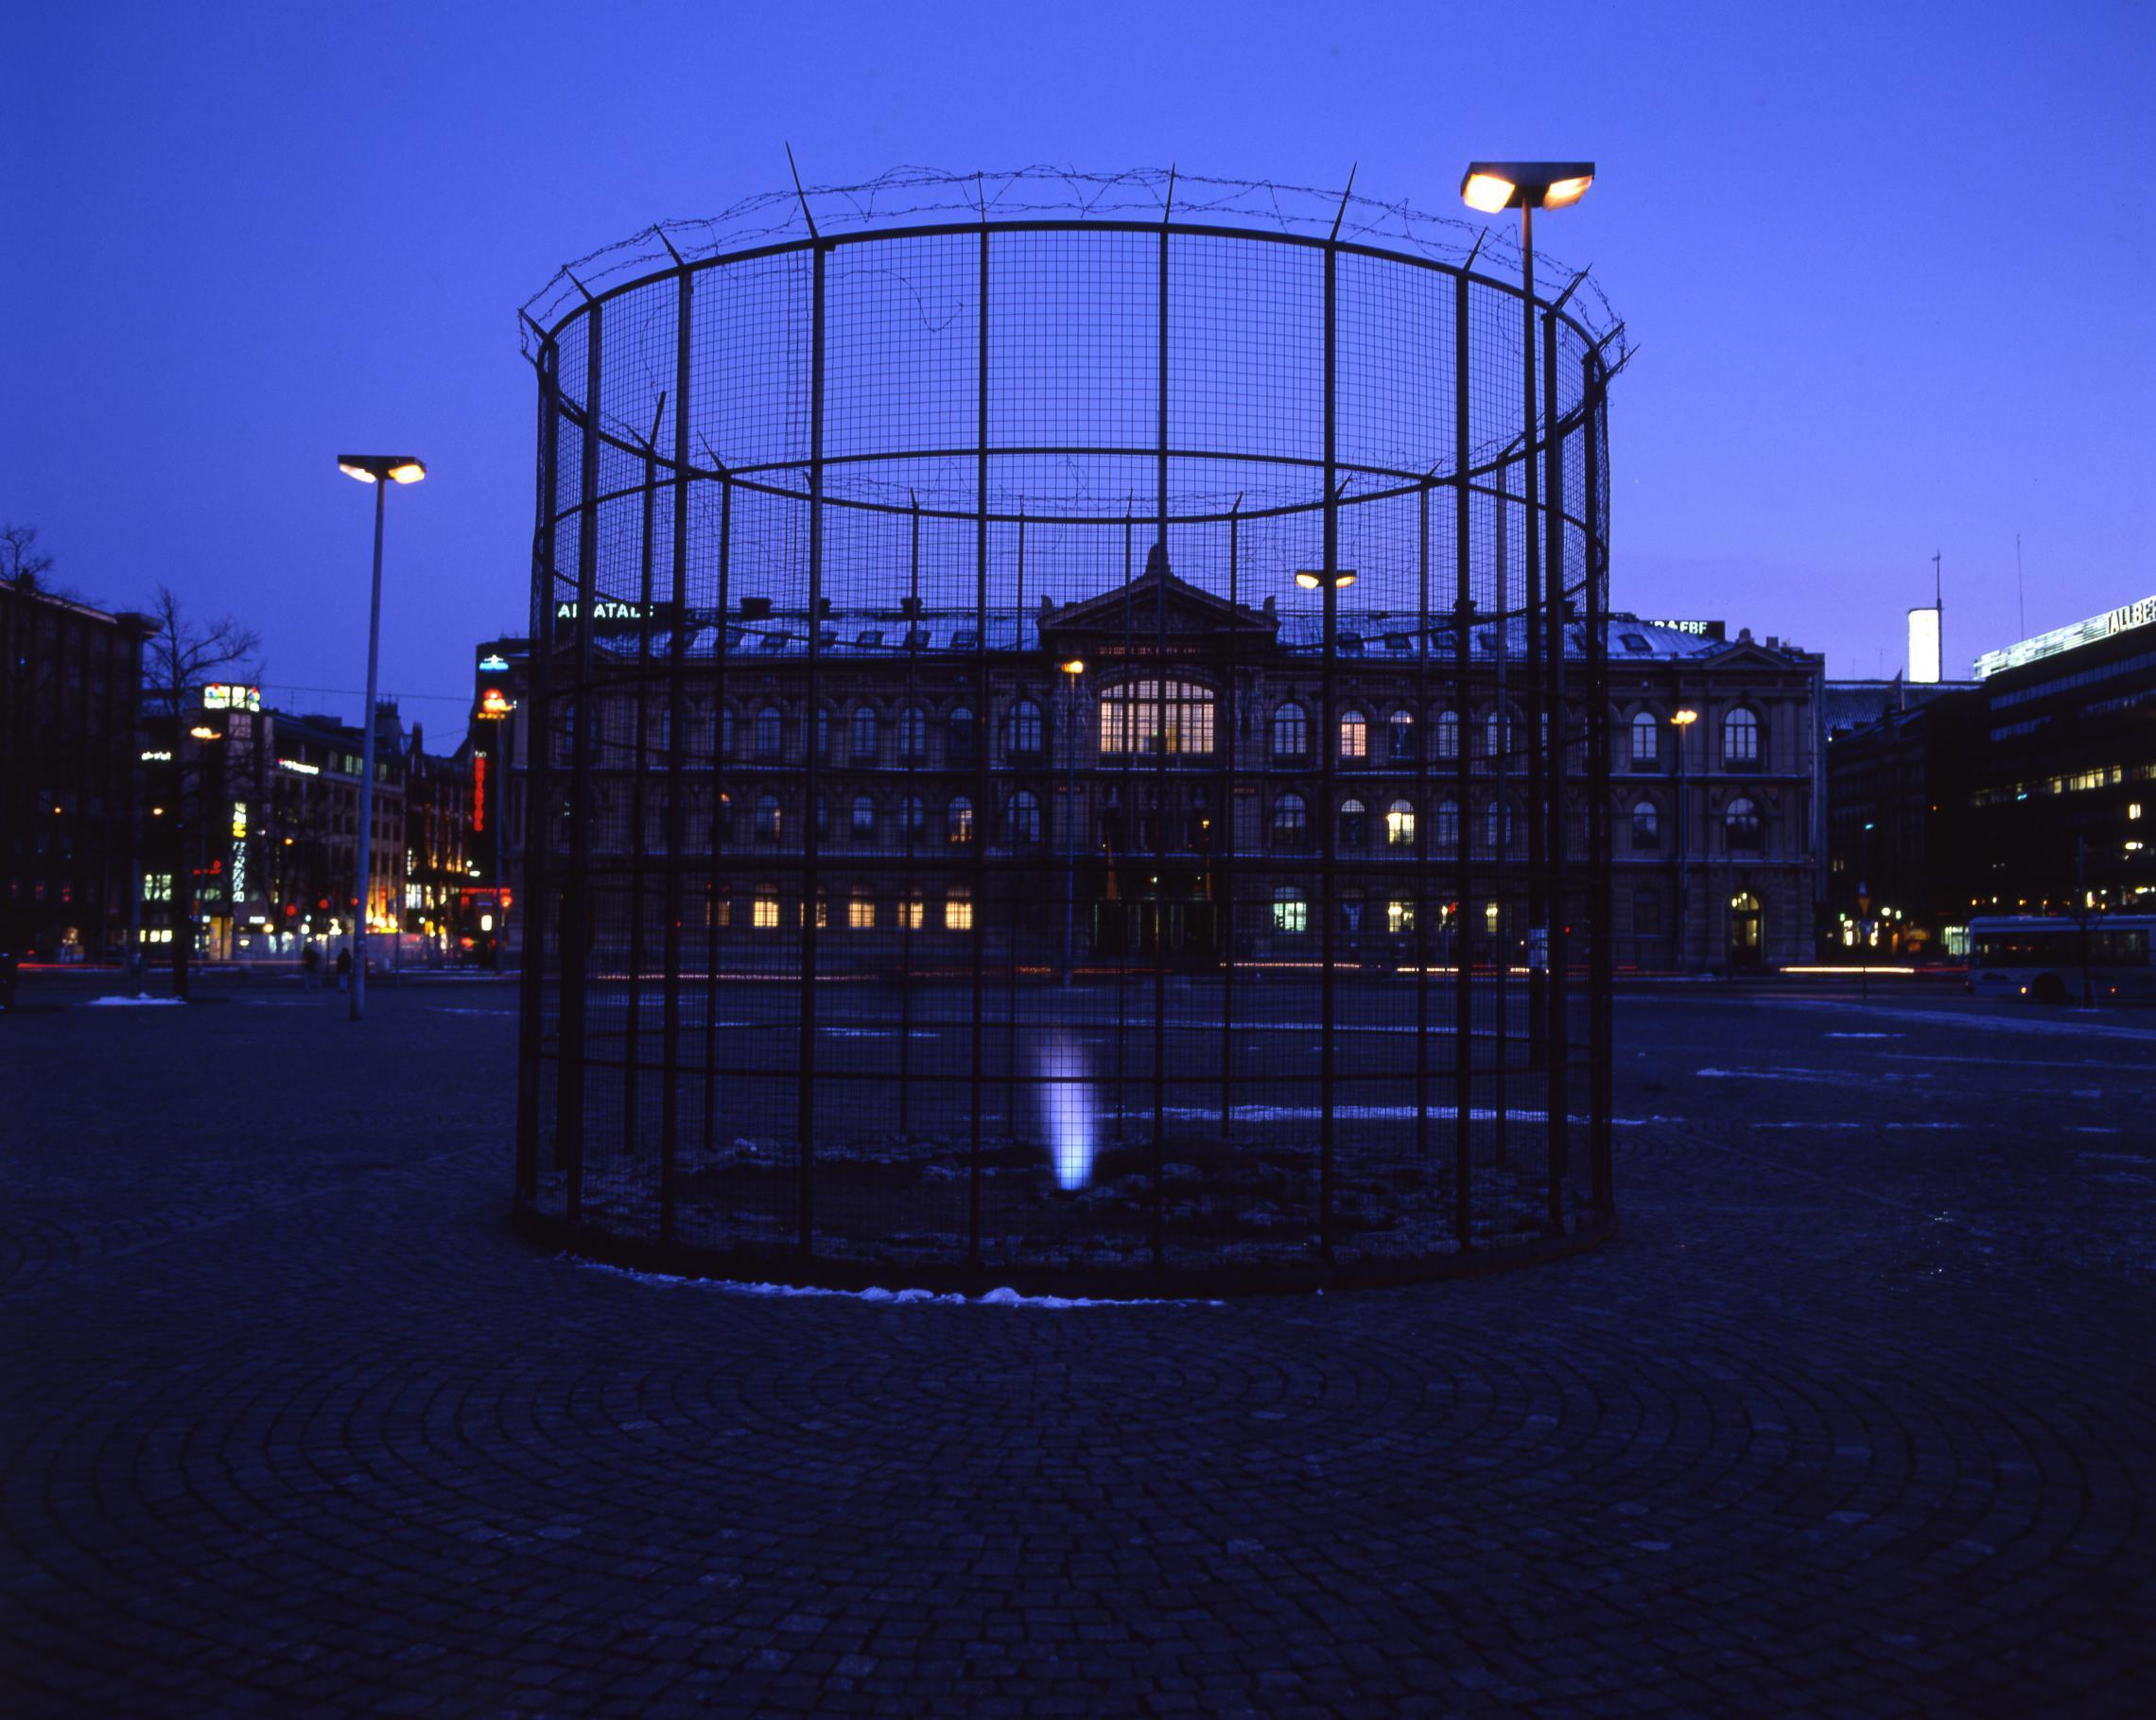 「Trieb」、1995年、700×500cm、火、大気、太陽、大地、鉄(ヘルシンキ)